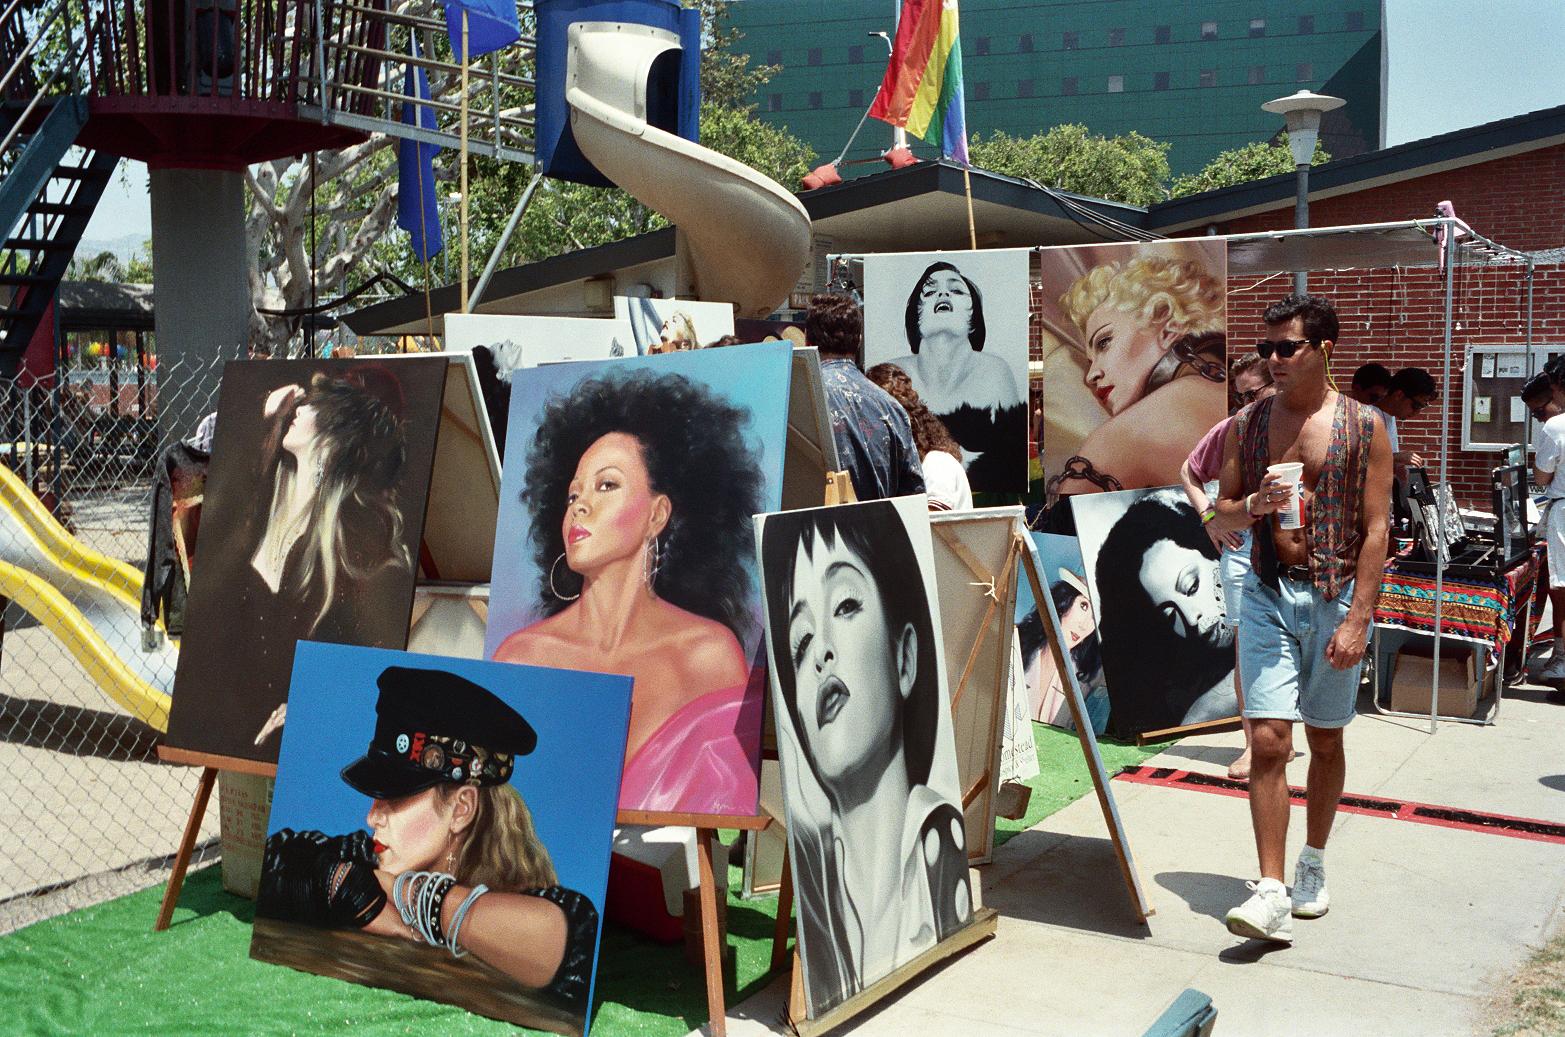 la-pride-1987-1995_22284051586_o